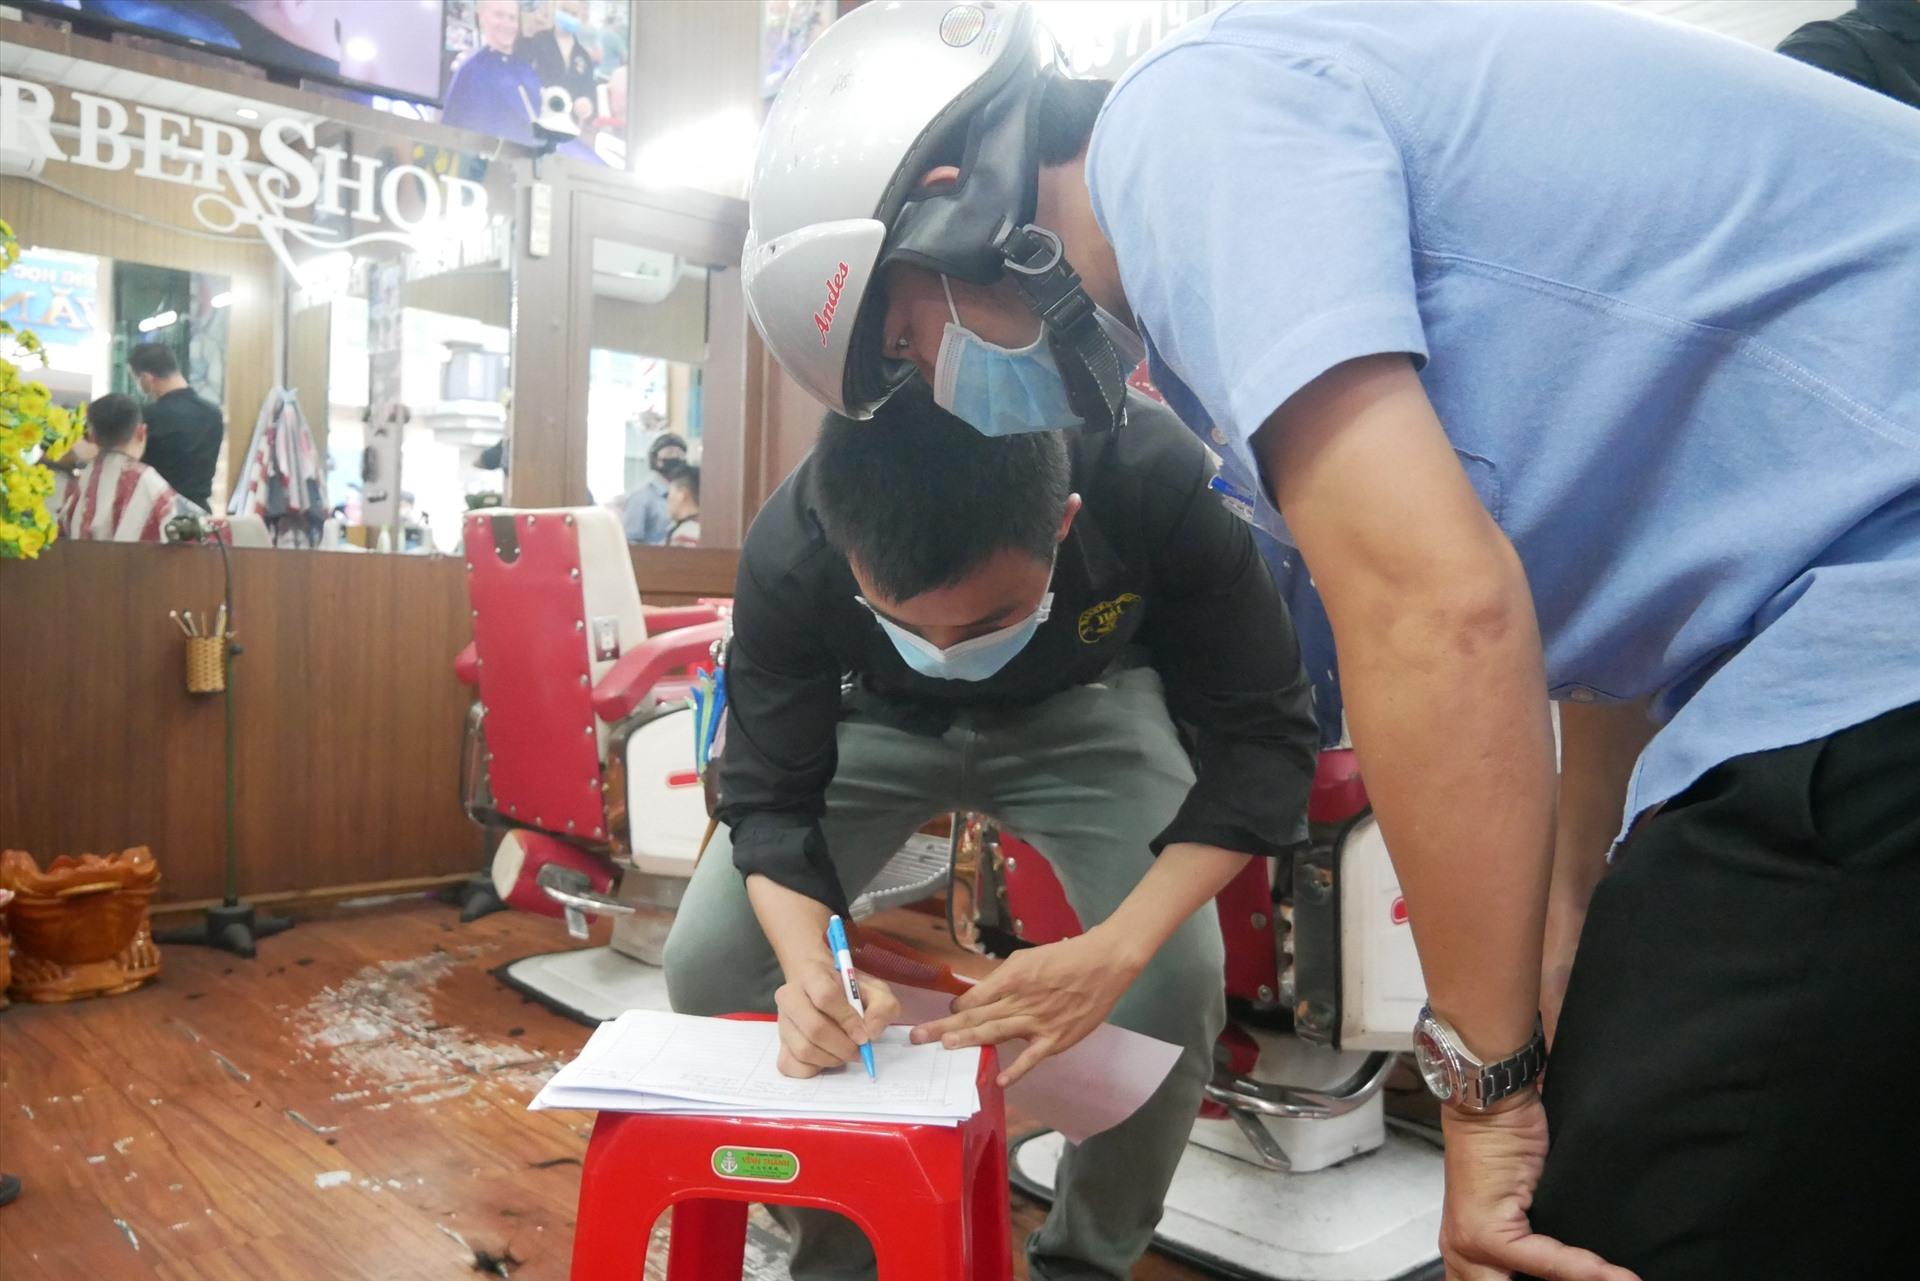 Trần Ngọc - chủ tiệm cắt tóc Hải Baerber shop trên đường Cống Quỳnh (quận 1) cho biết, từ 18h hôm nay sẽ chấp hành nghiêm chỉnh cho đến khi UBND có quyết định cho hoạt động trở lại.